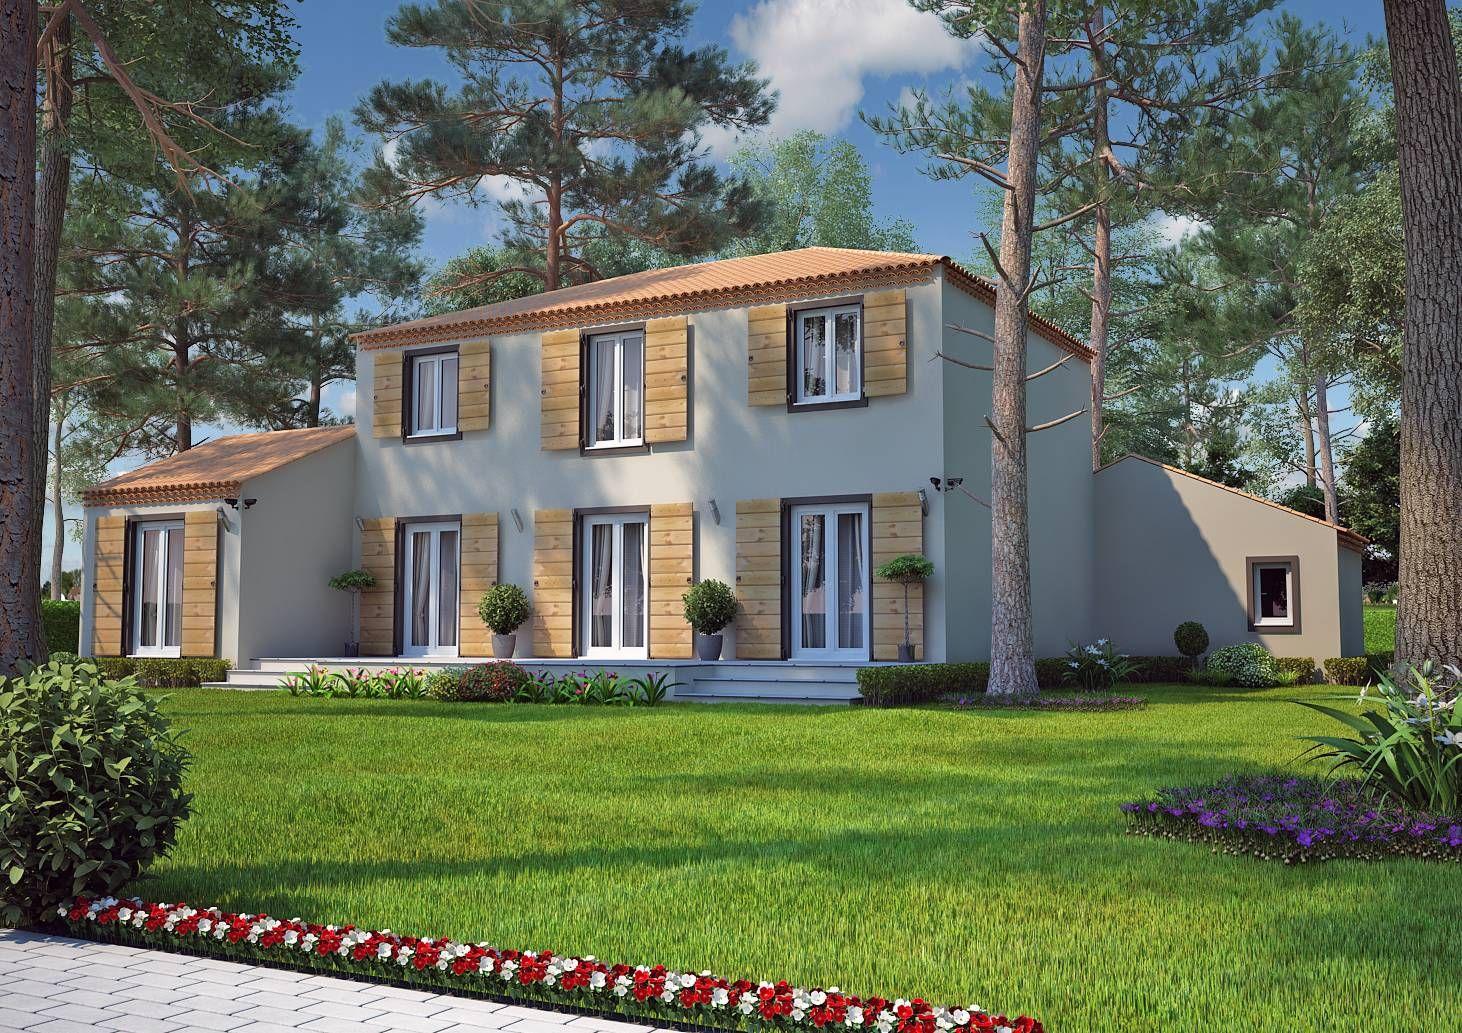 Villa traditionnelle par azur logement provencal gentiane notre petit nid la maison en 2019 - Maison de 130m2 ...